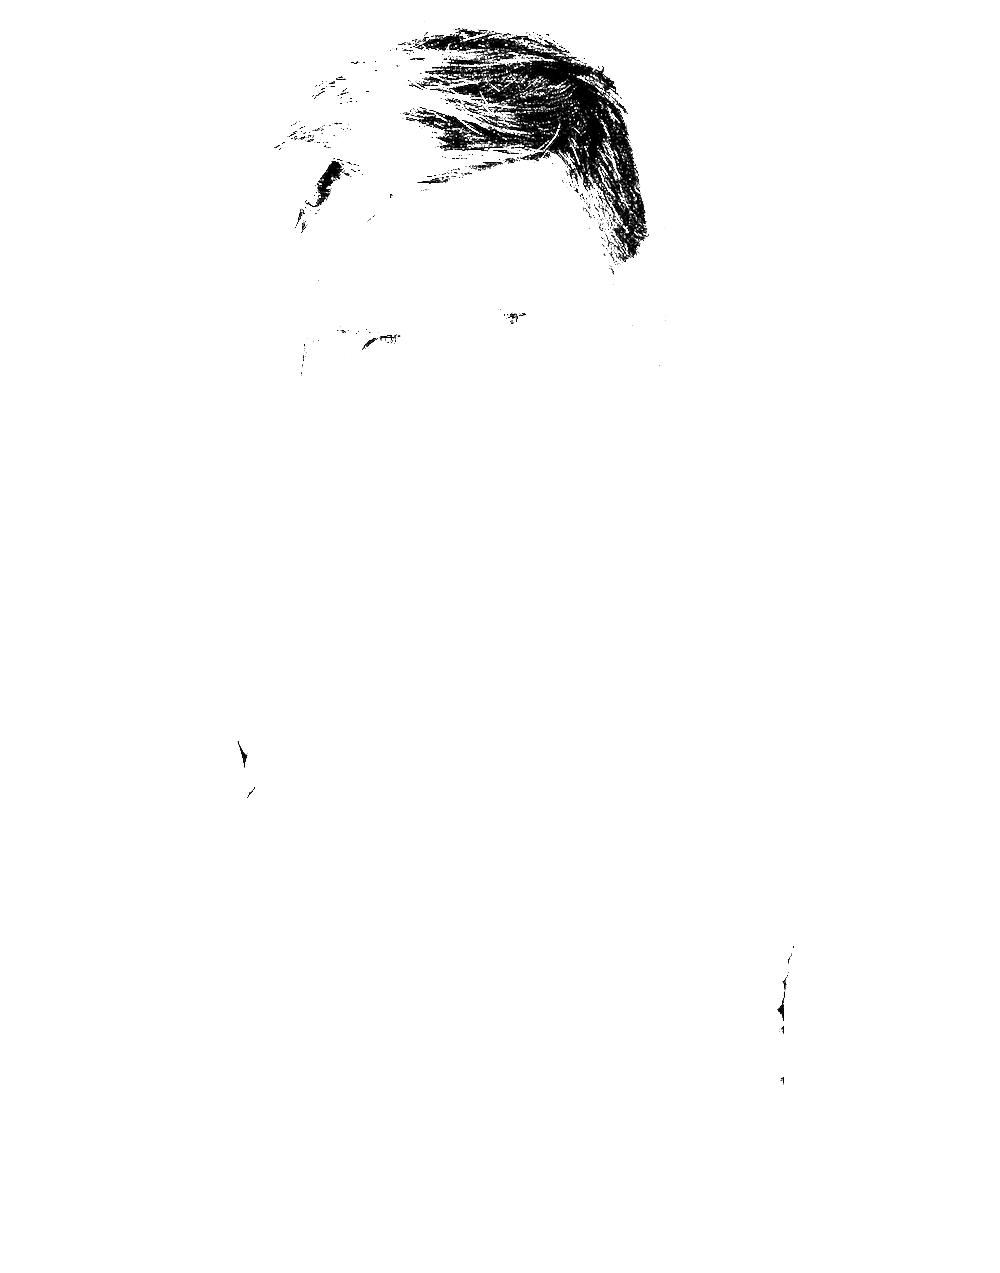 kai-4920.png